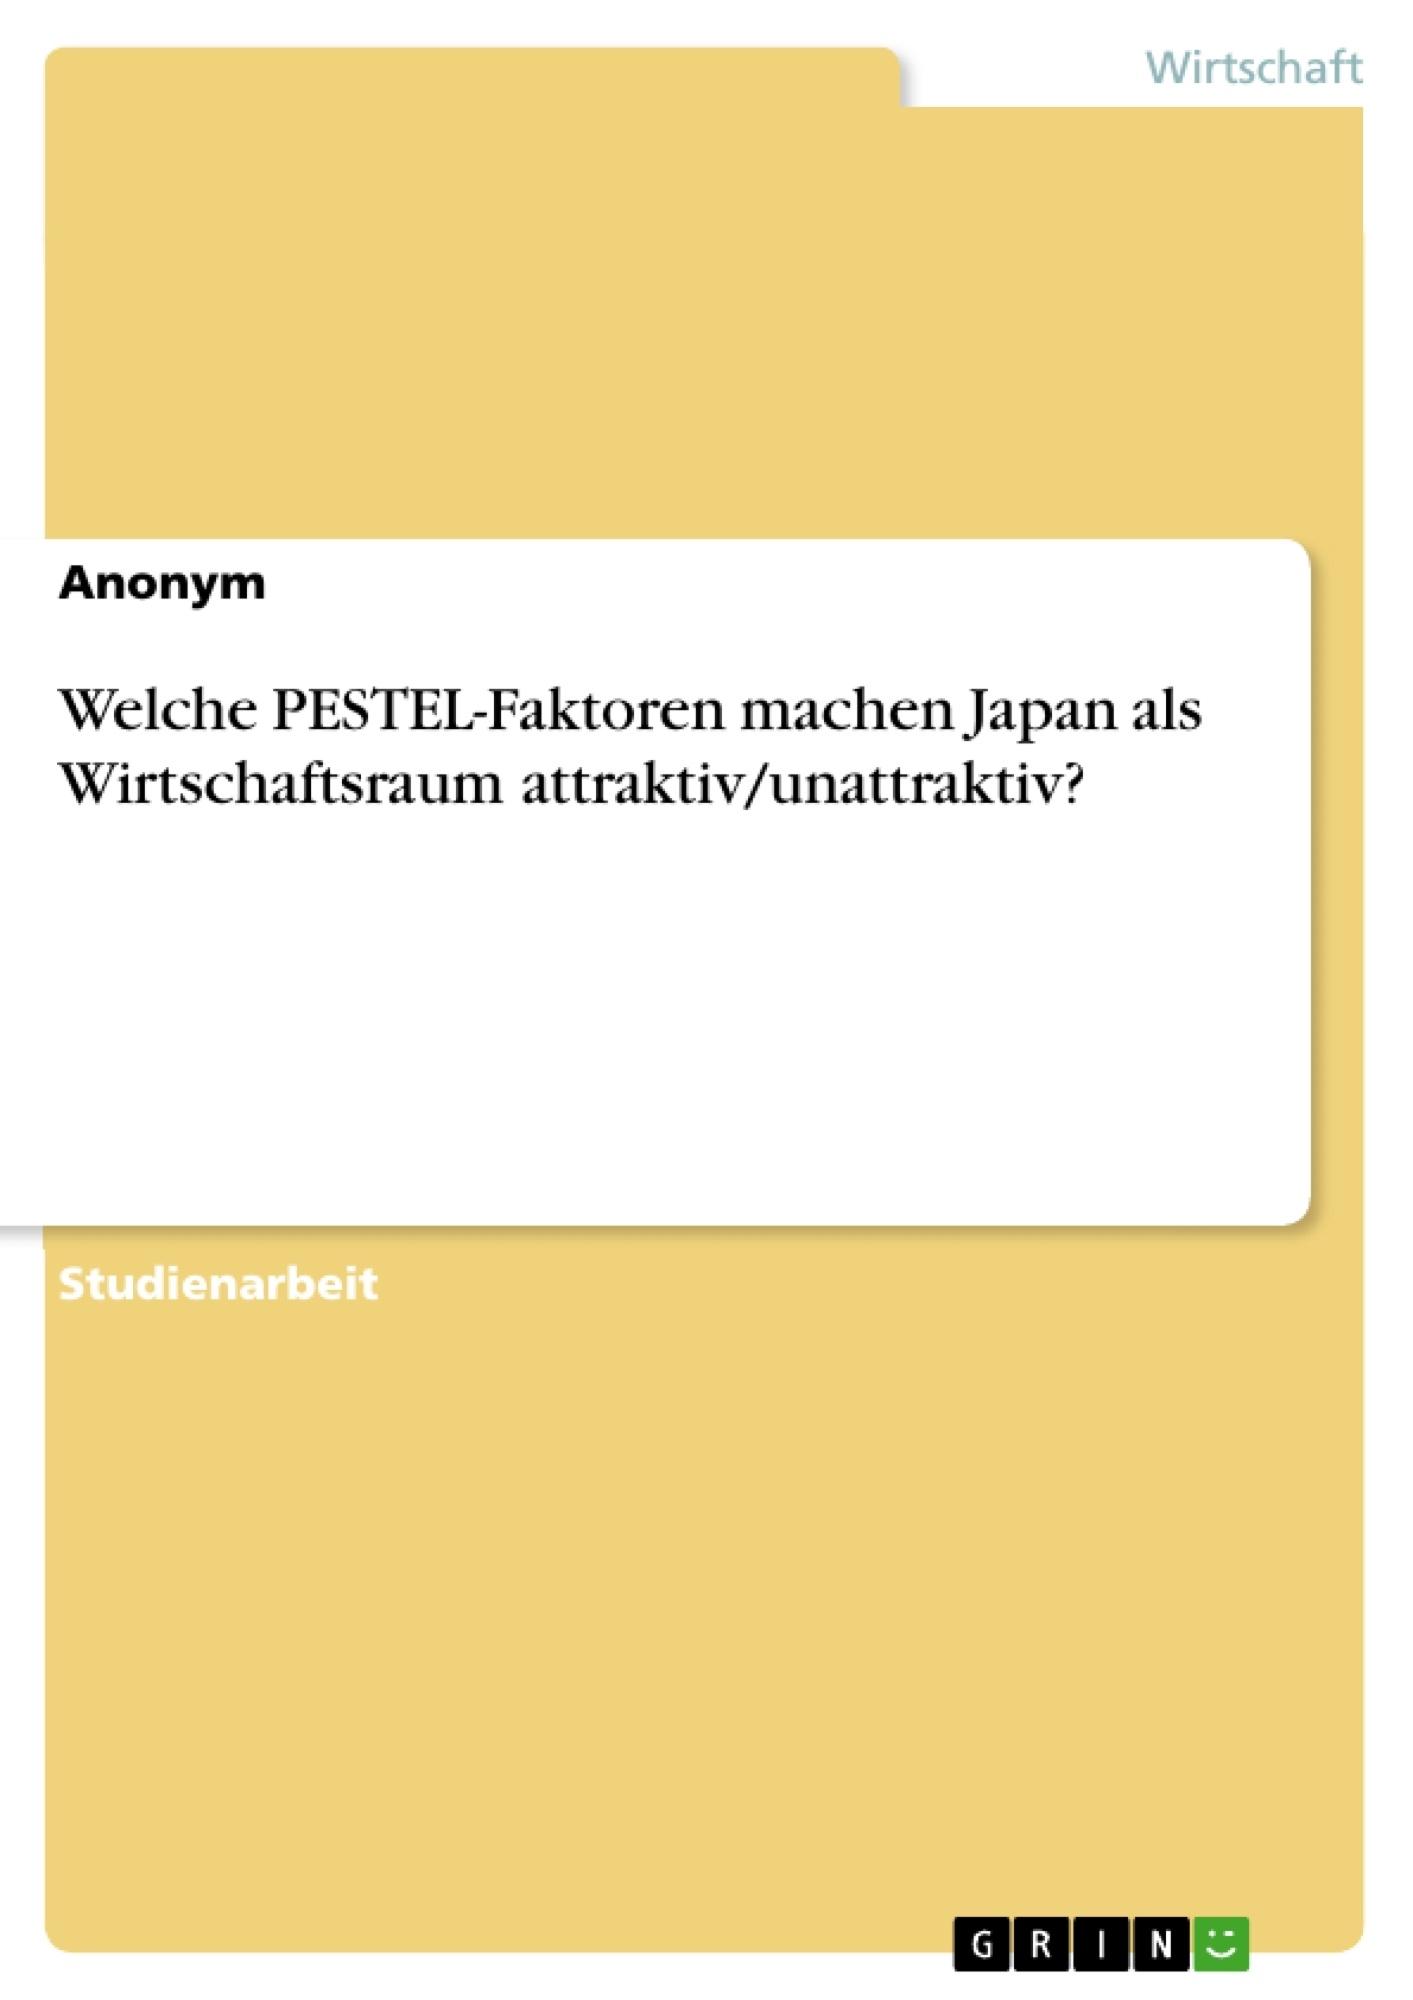 Titel: Welche PESTEL-Faktoren machen Japan als Wirtschaftsraum attraktiv/unattraktiv?